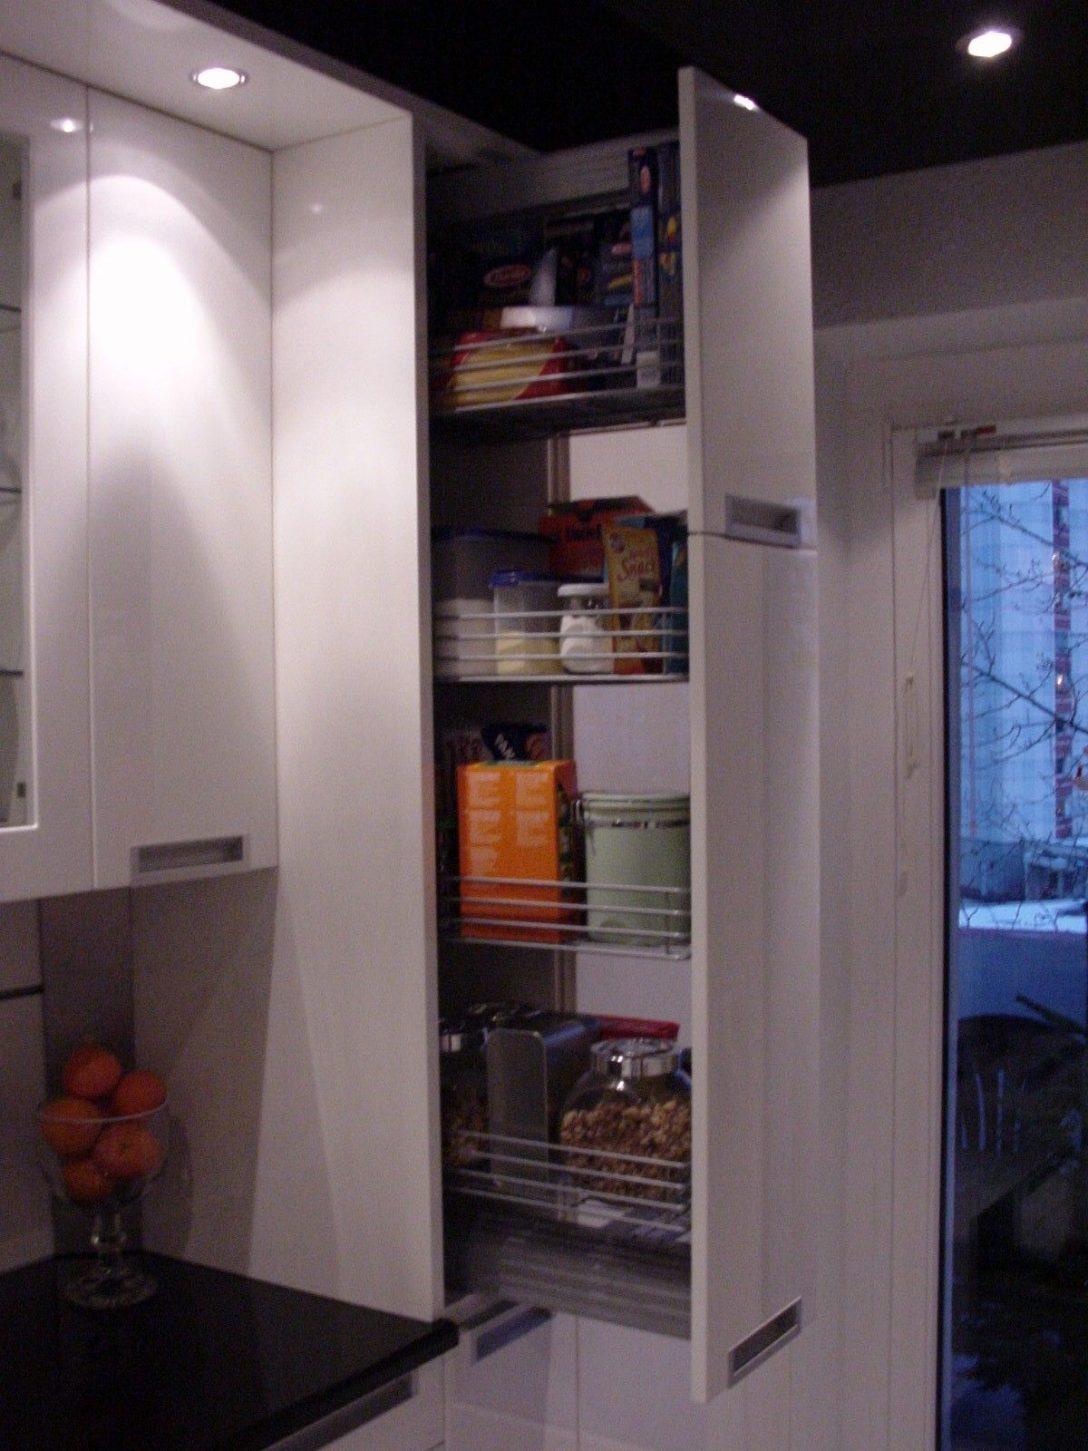 Large Size of Apothekerschrank Ikea Kleiderschrank Tren Einzeln Kaufen Kche Küche Modulküche Kosten Betten Bei 160x200 Sofa Mit Schlaffunktion Miniküche Wohnzimmer Apothekerschrank Ikea